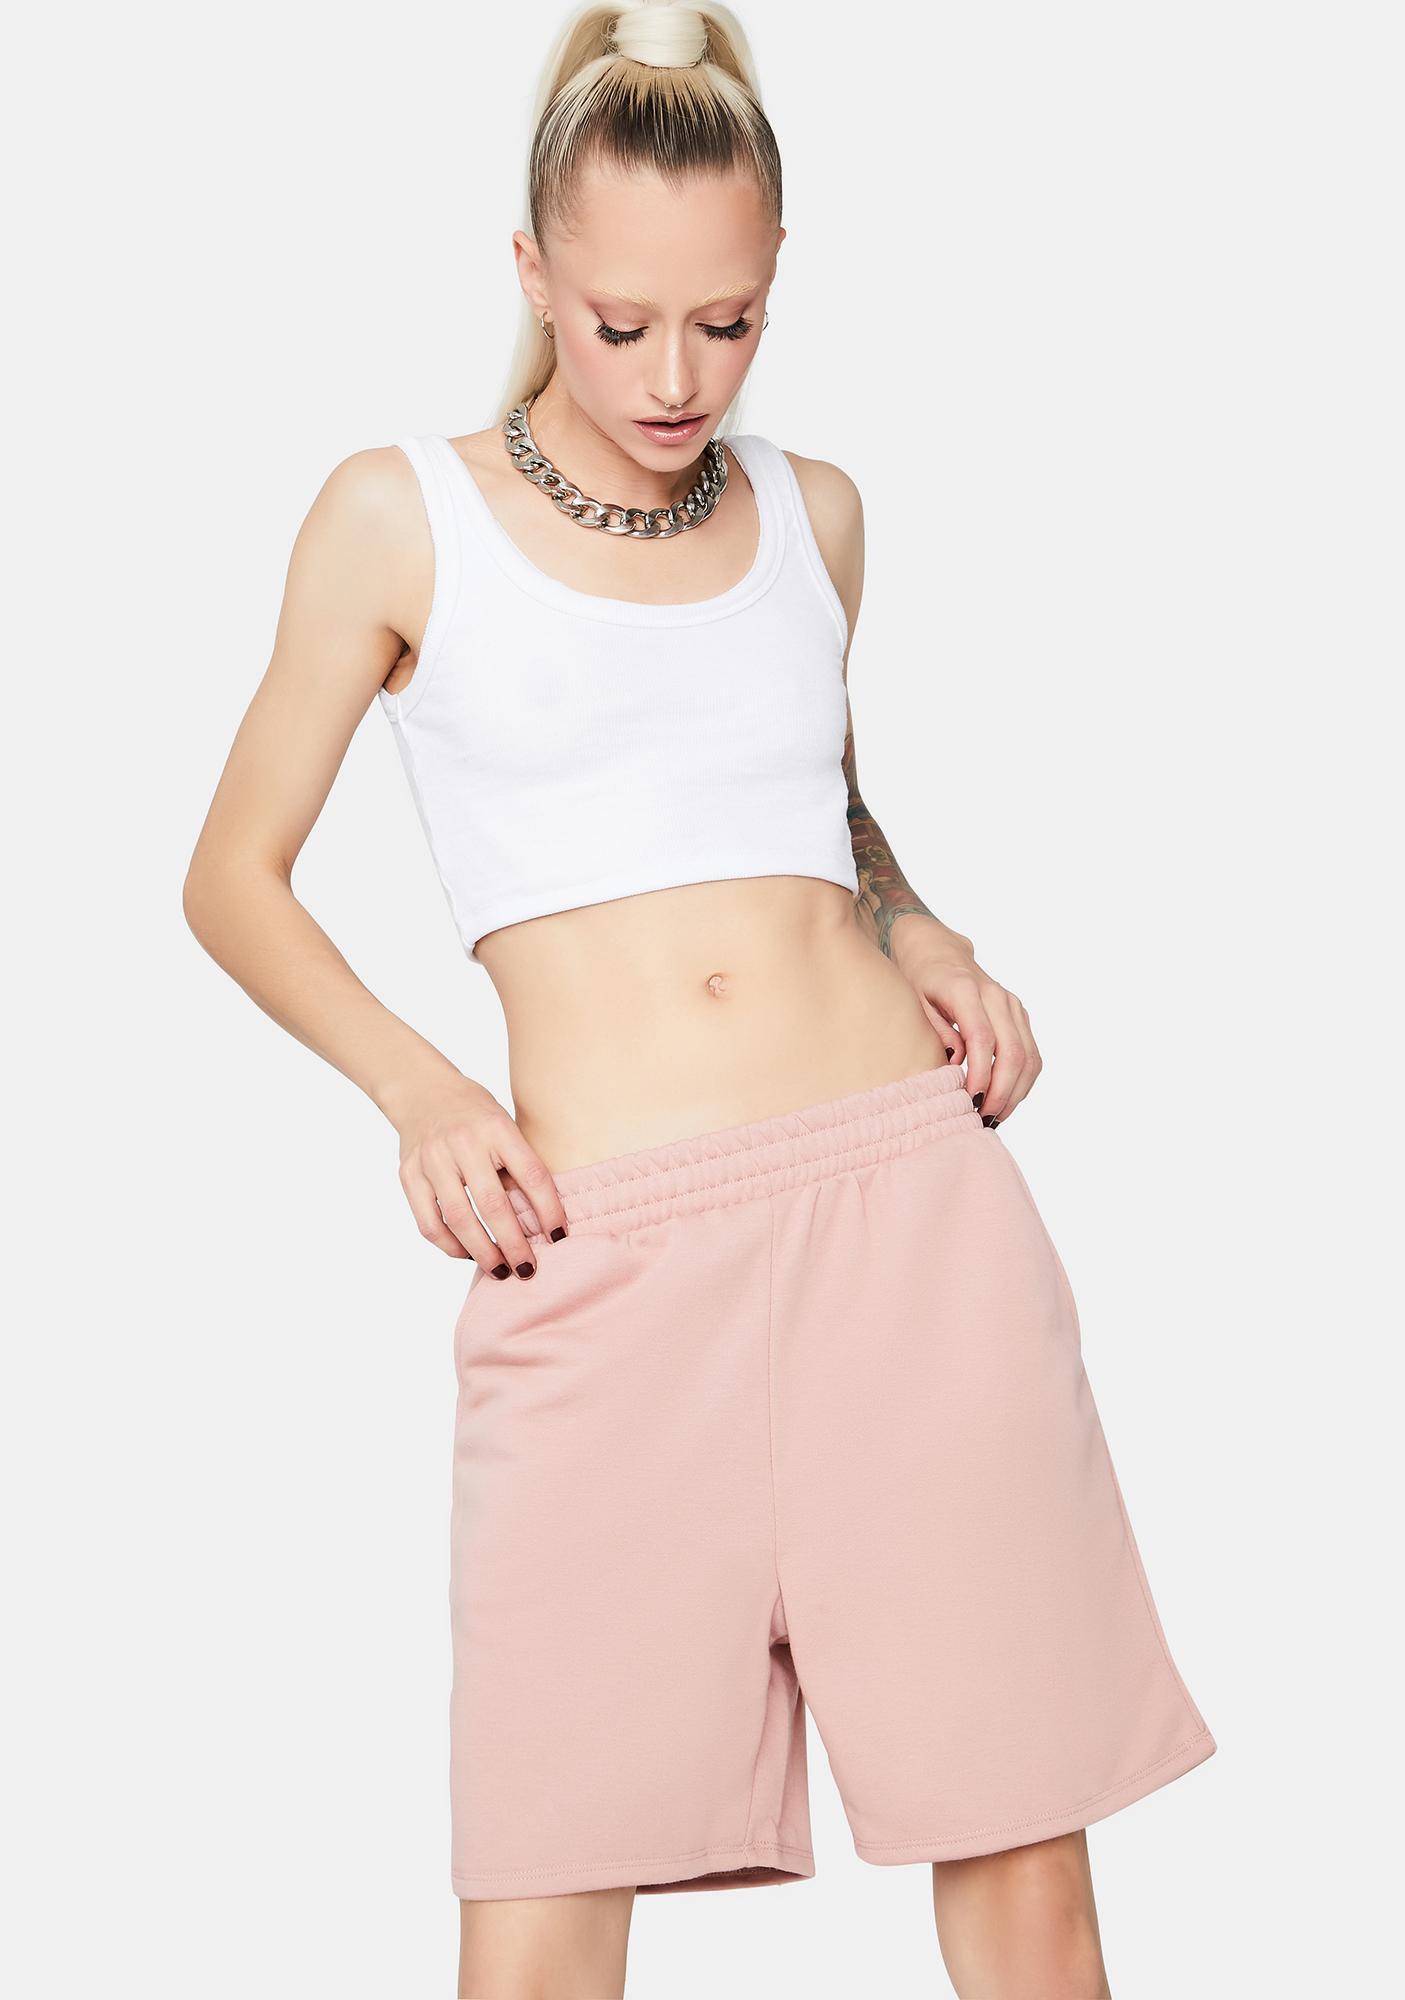 Rose Lazy Sunday Lounge Shorts